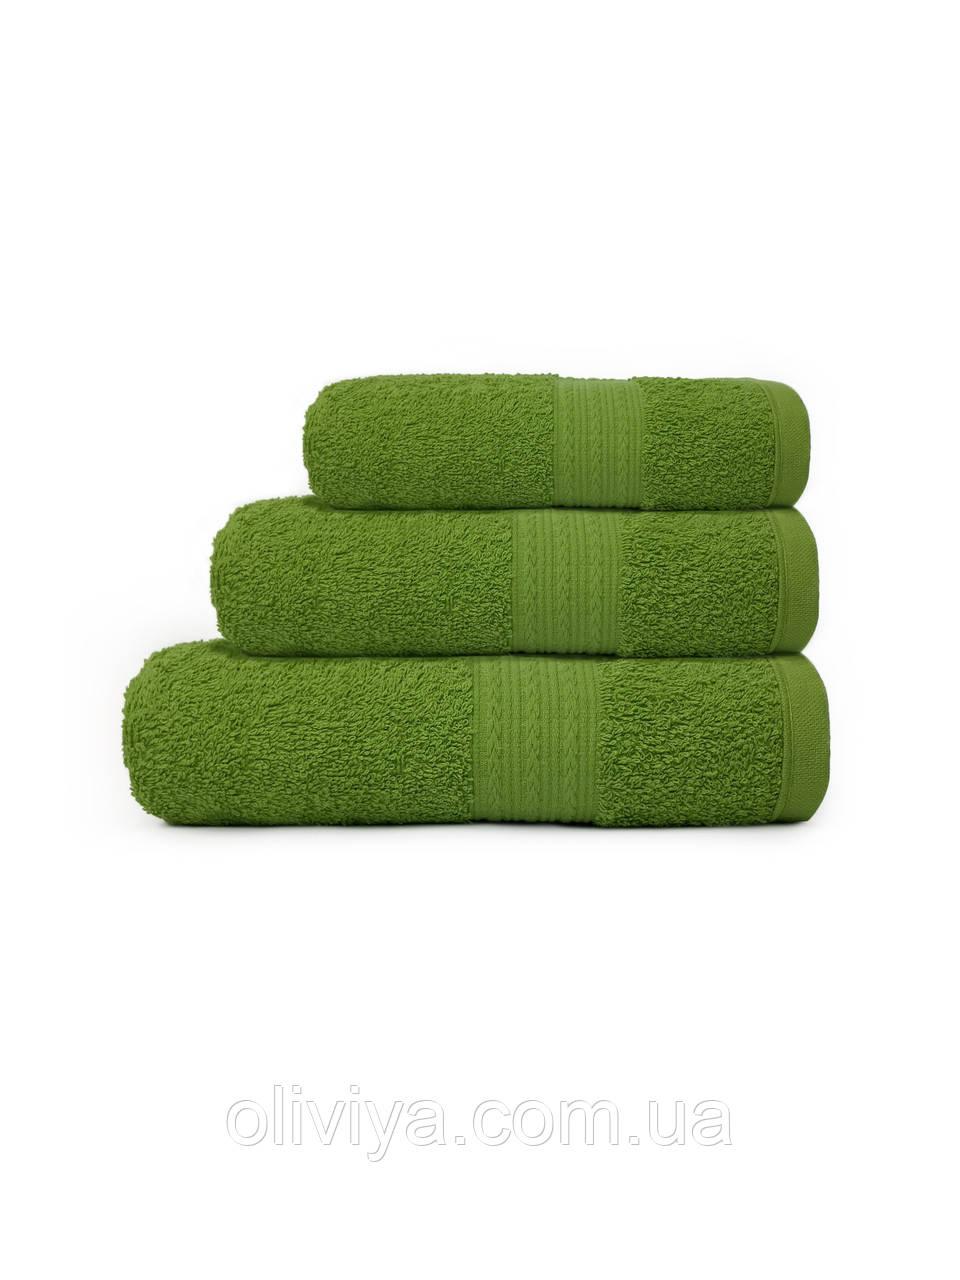 Махровые полотенца для гостиниц зеленого цвета